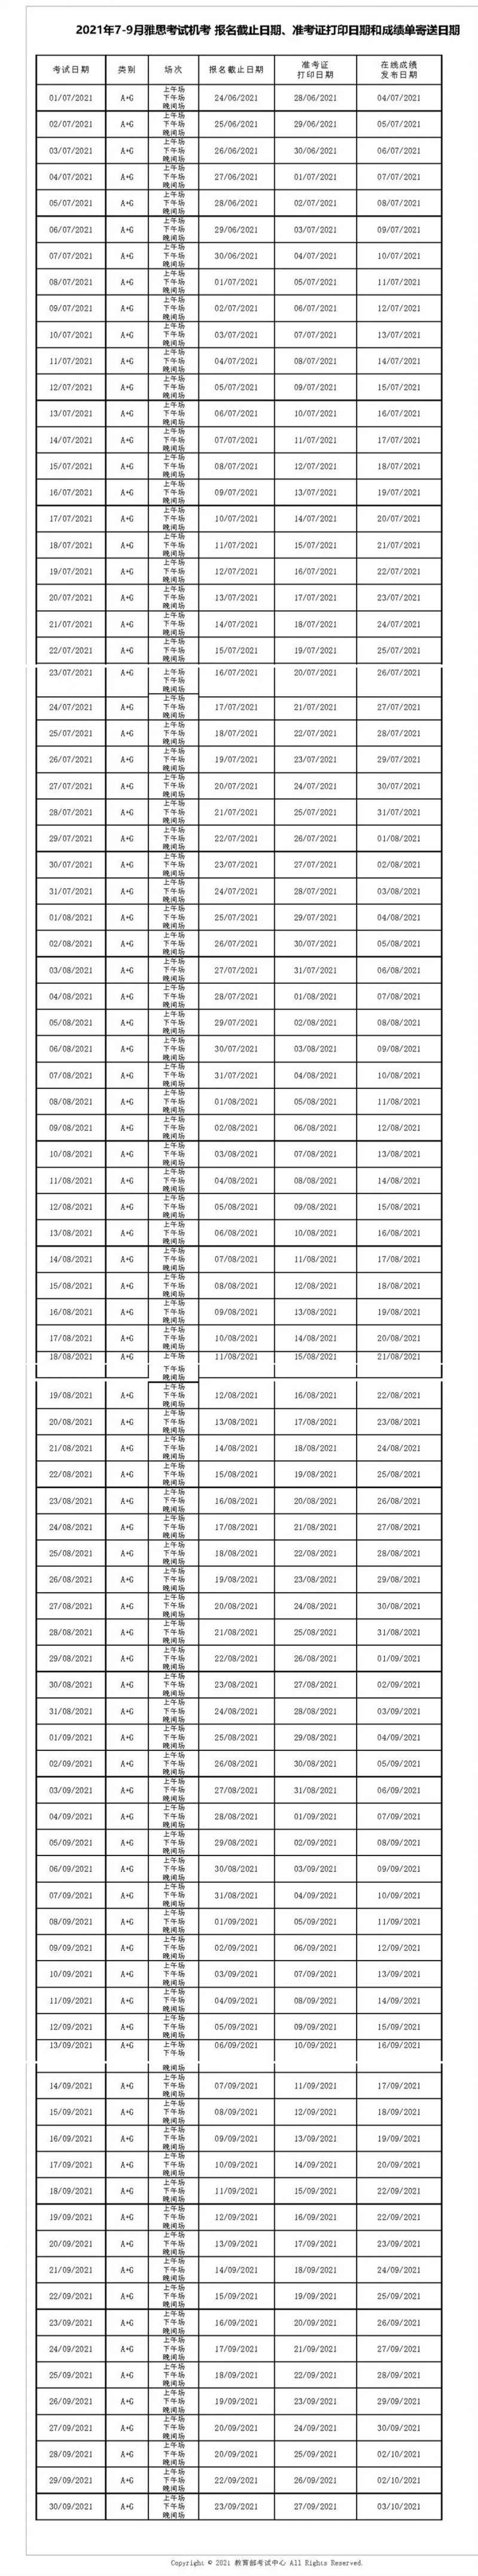 雅思奖学金申请时间于4月29日开启 雅思考得好能拿5万块?内容图片_7